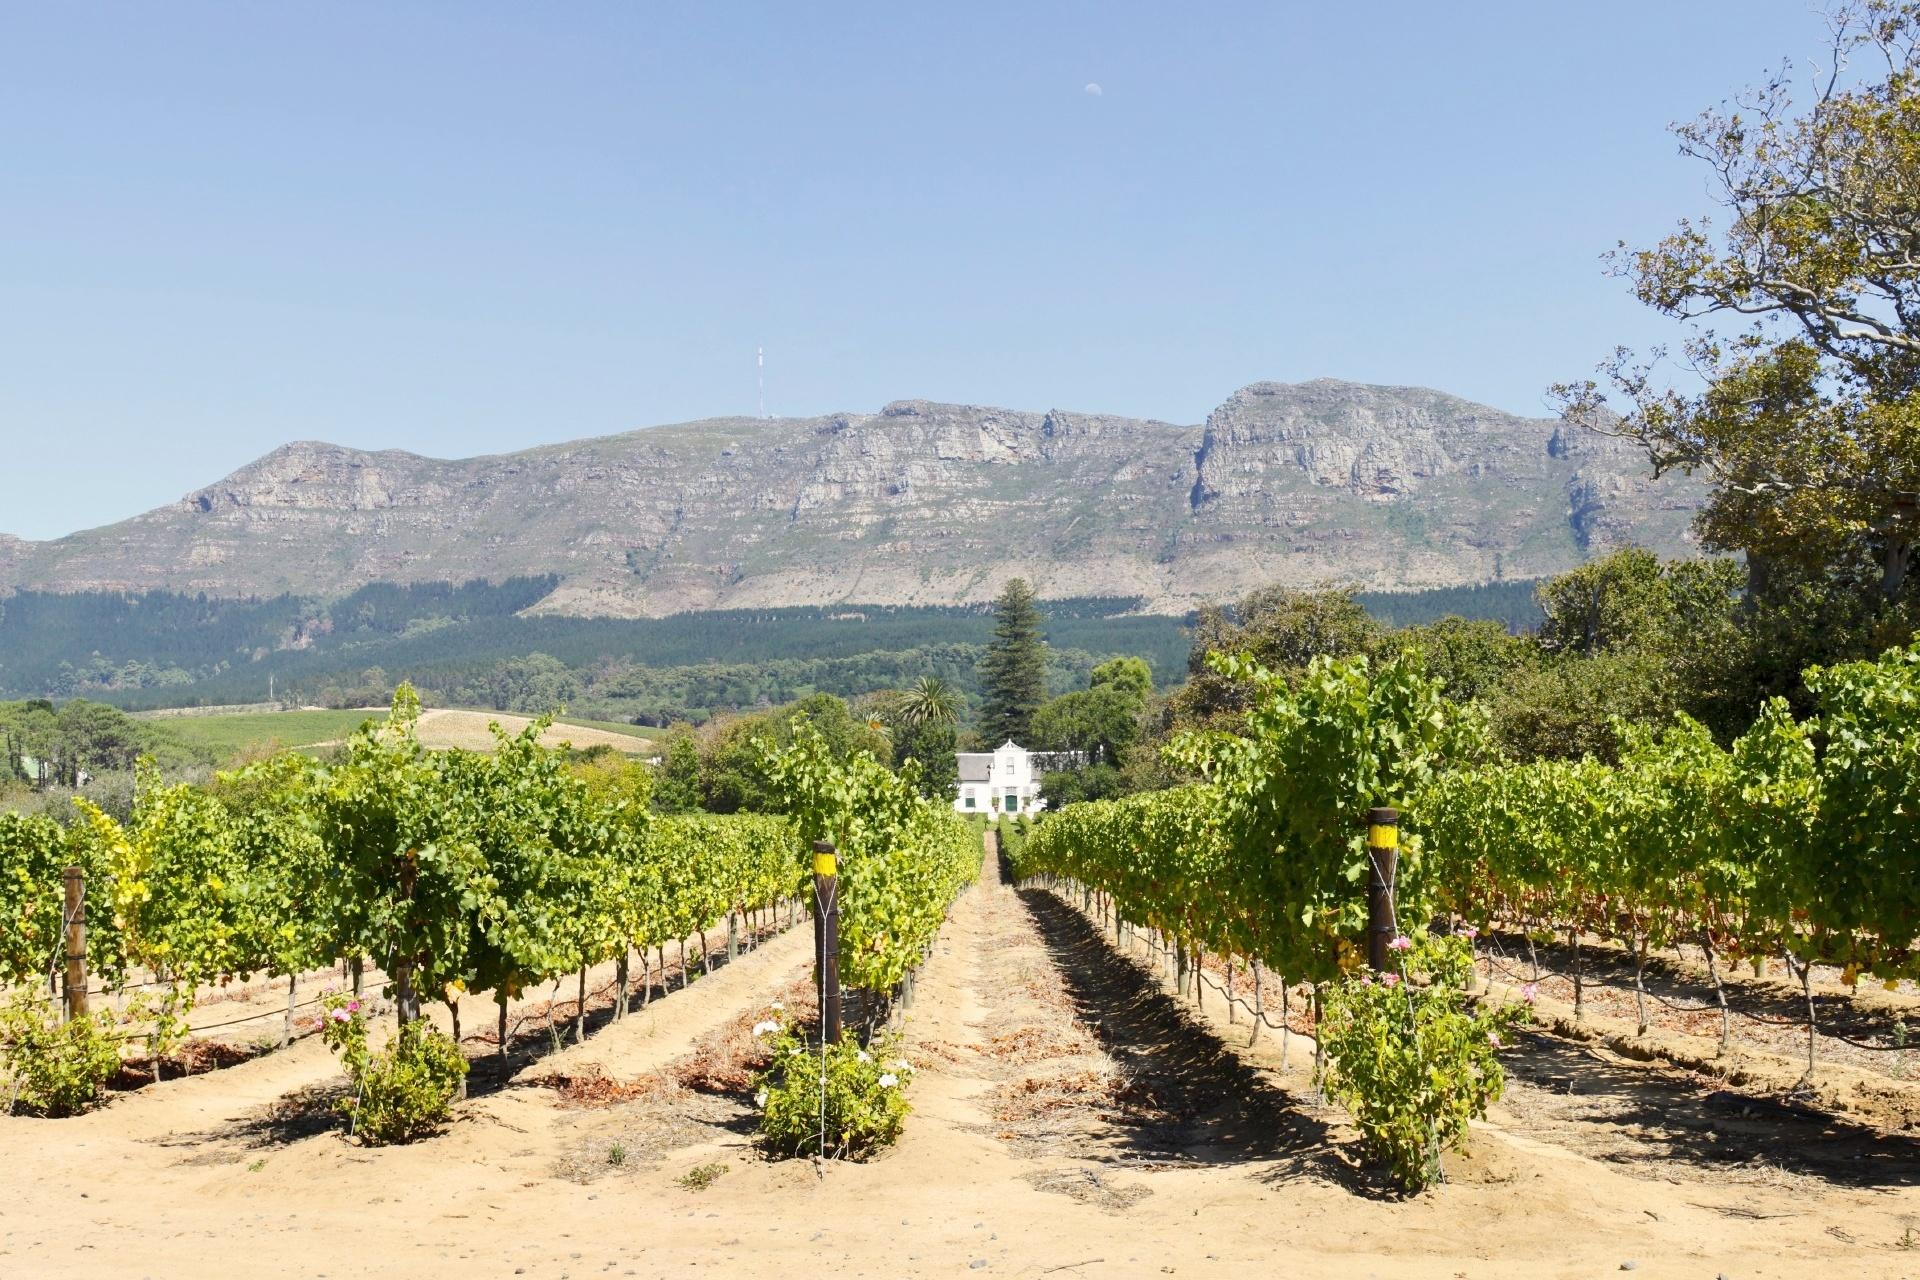 コンスタンシアの風景 南アフリカの風景